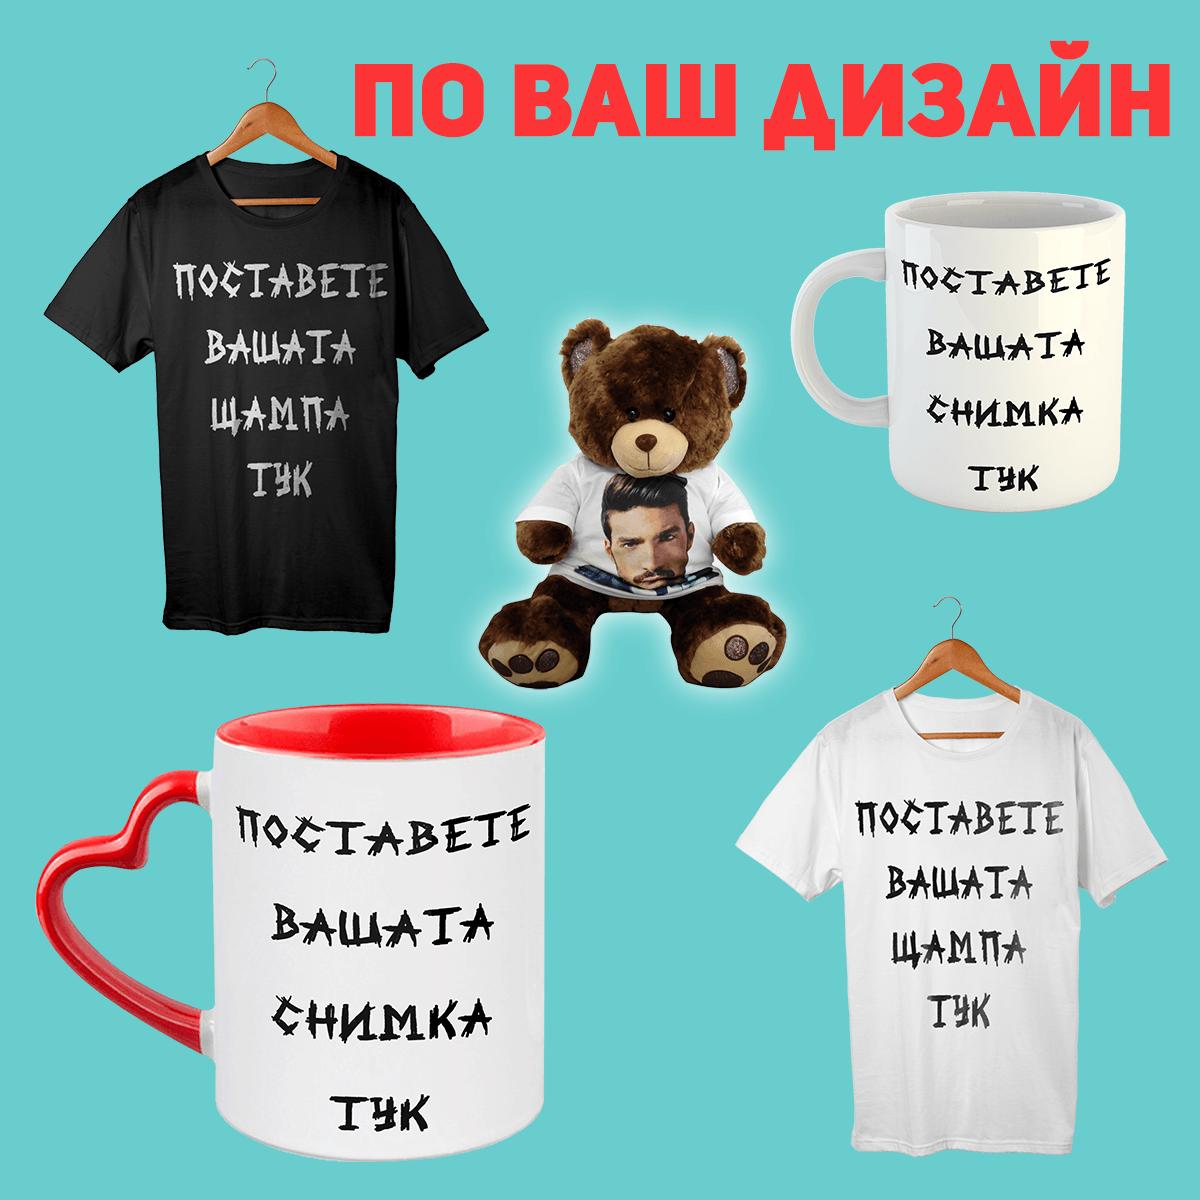 Изработка на онлайн магазин за Podarilnik.com